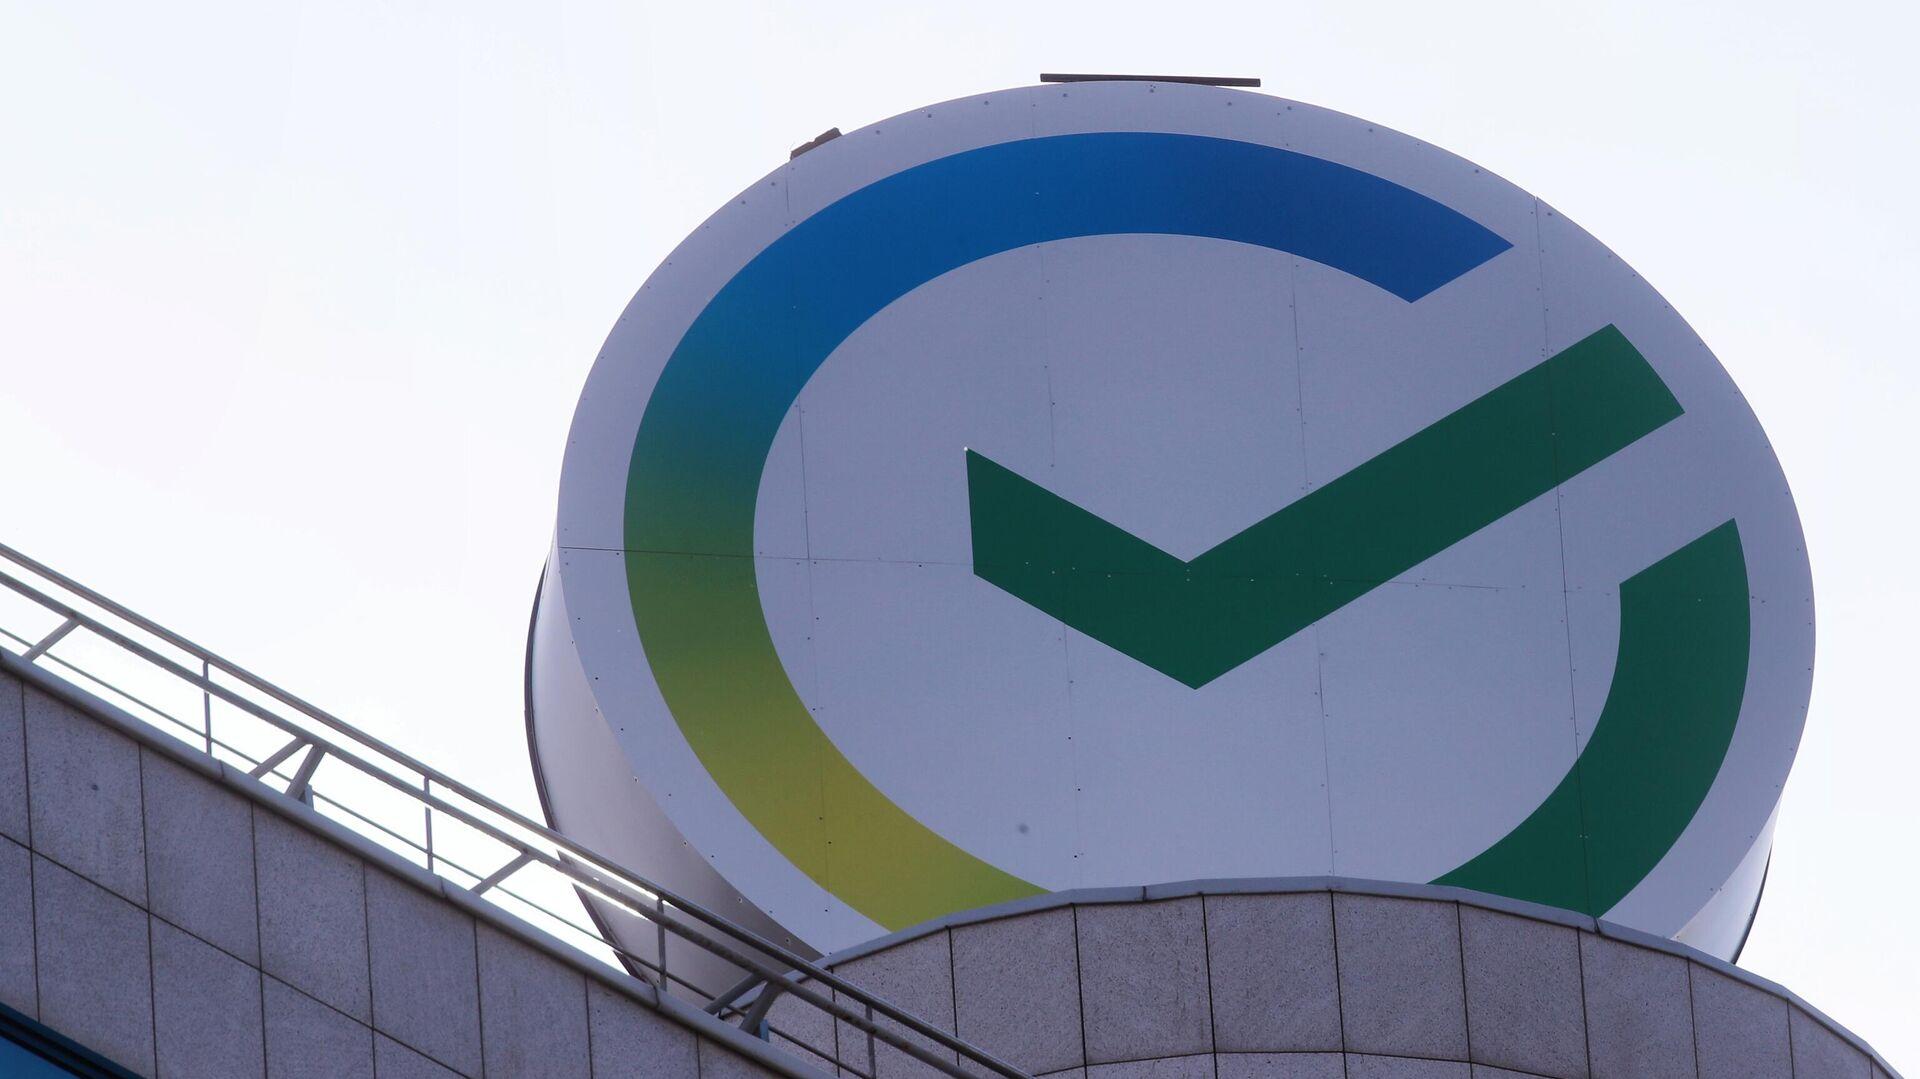 Новый логотип Сбербанка на здании центрального офиса в Москве - РИА Новости, 1920, 25.09.2020